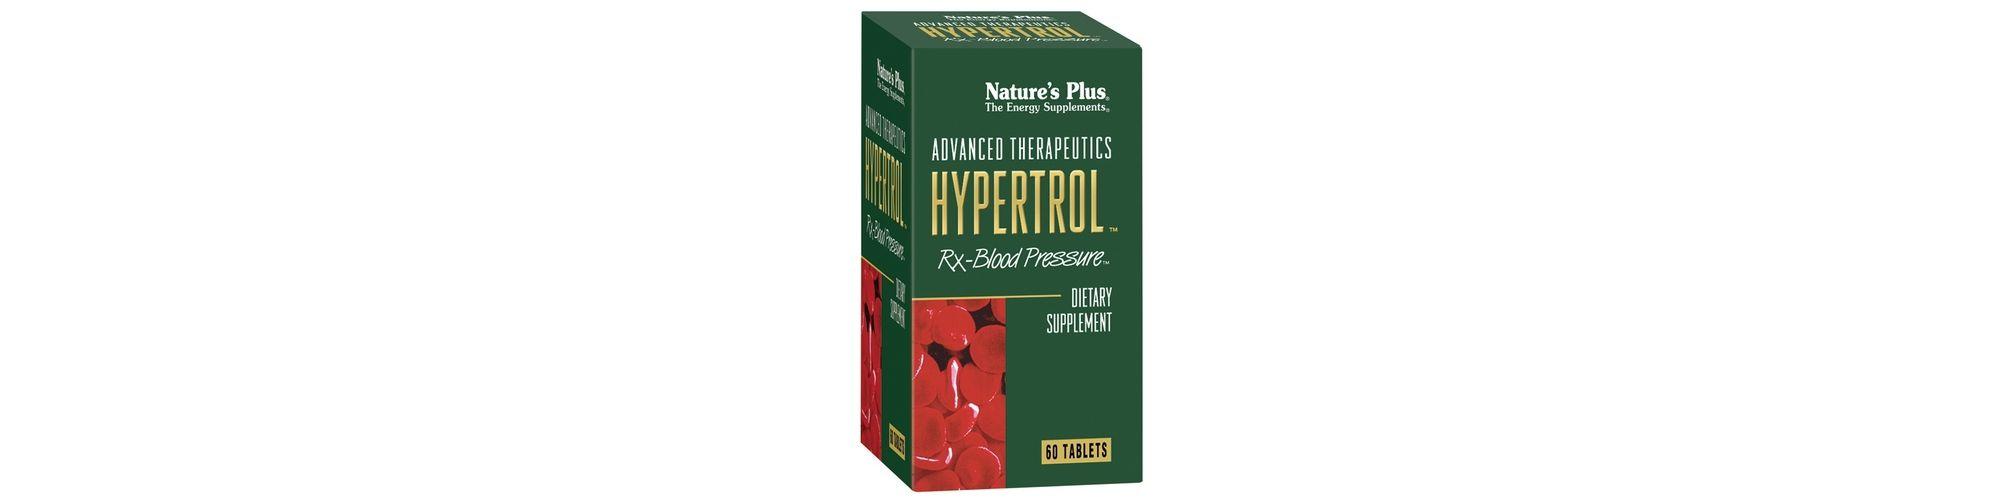 Hypertrol